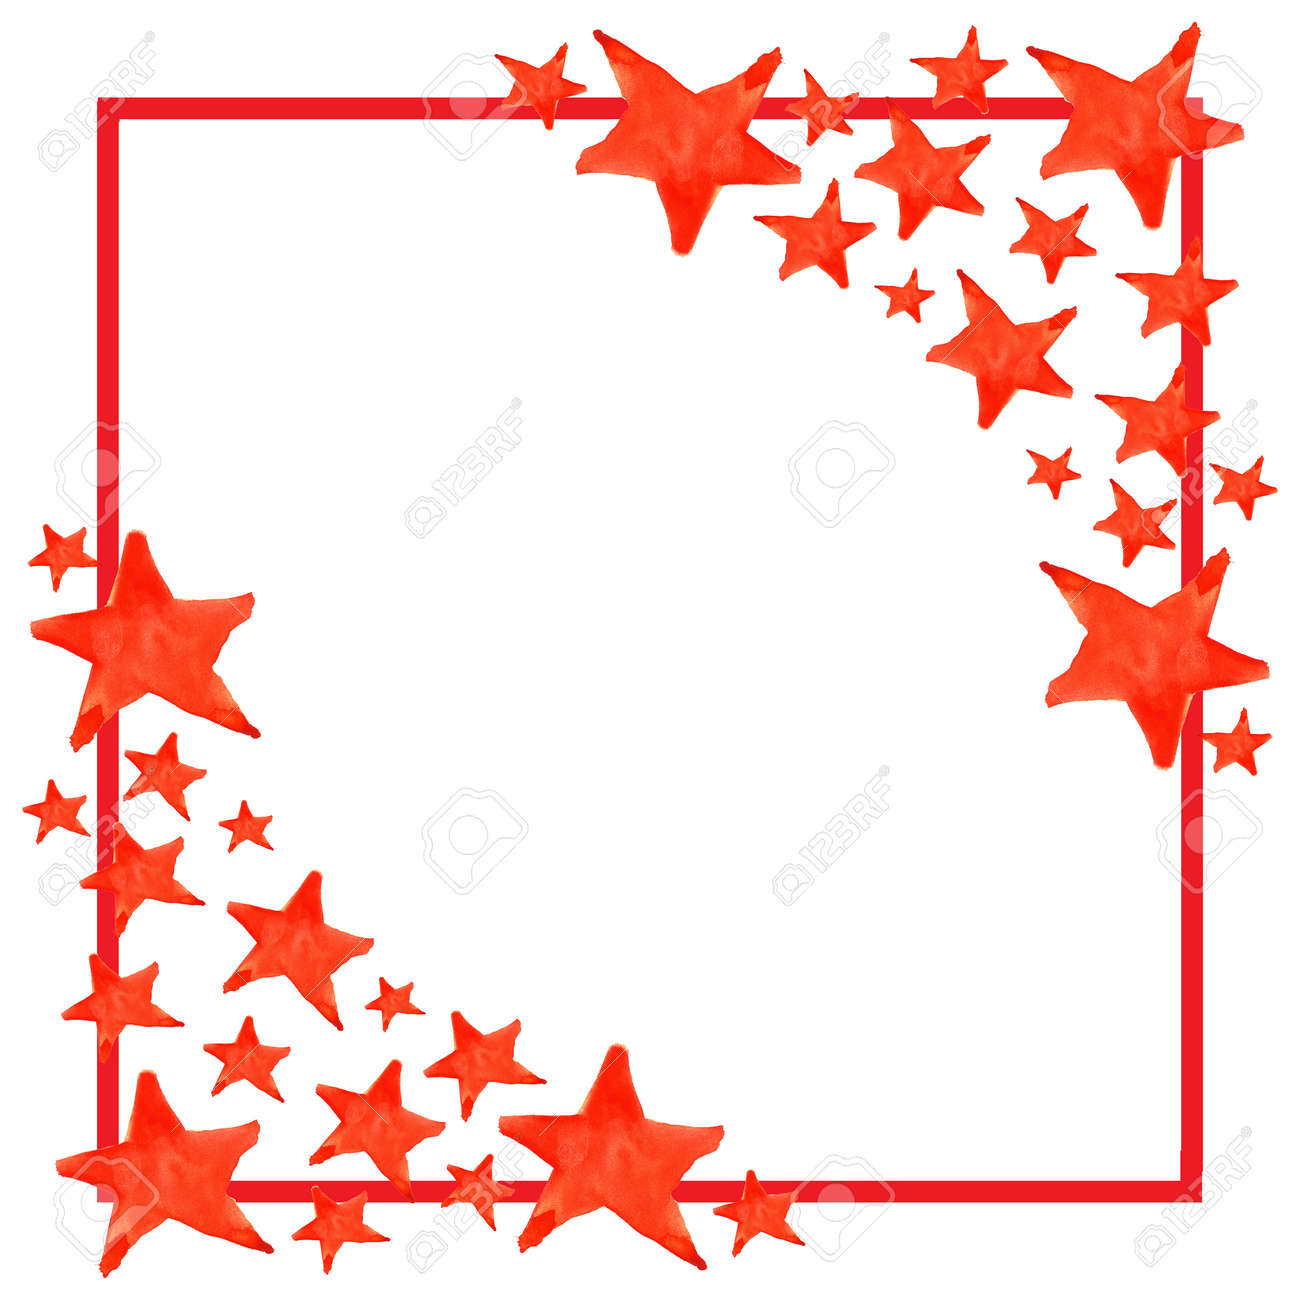 Aquarell Fünfzackigen Stern-Symbol-Rahmen-Vorlage Hintergrund ...